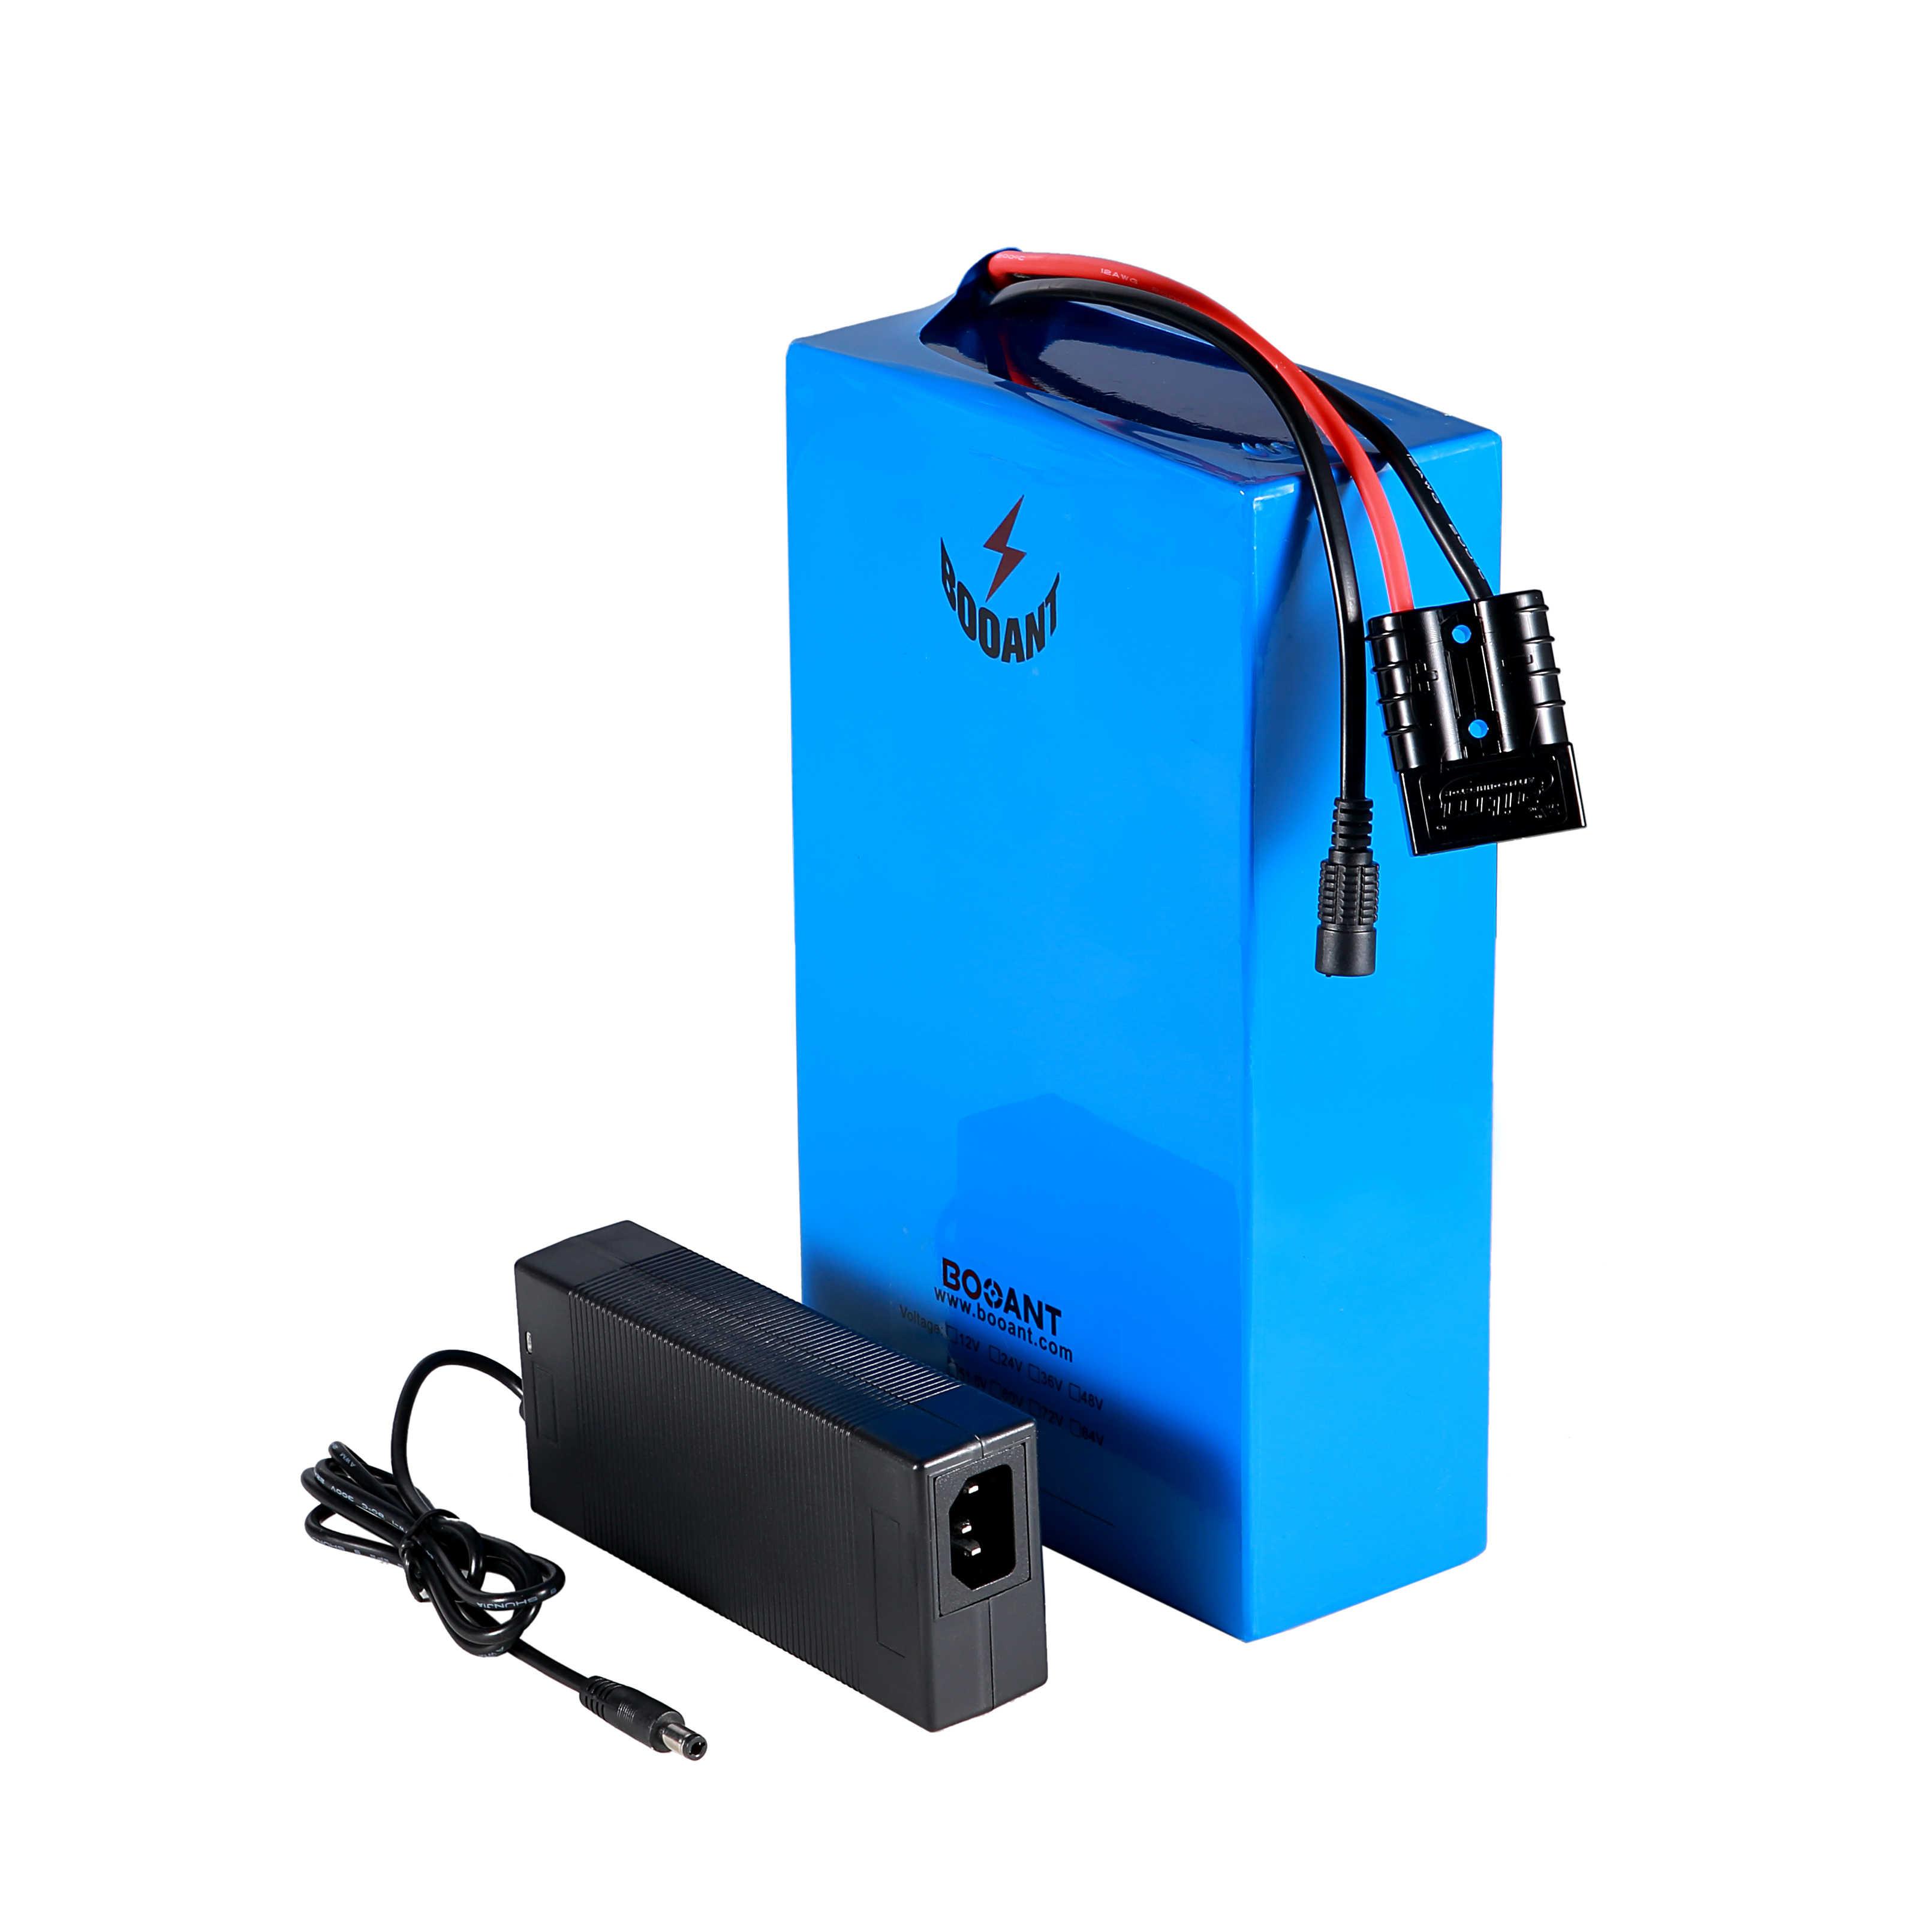 13S 48V 20Ah 500W 1000W batterie rechargeable pack 18650 48V 20Ah 750W 1500W vélo électrique lithium ion batterie avec chargeur 5A